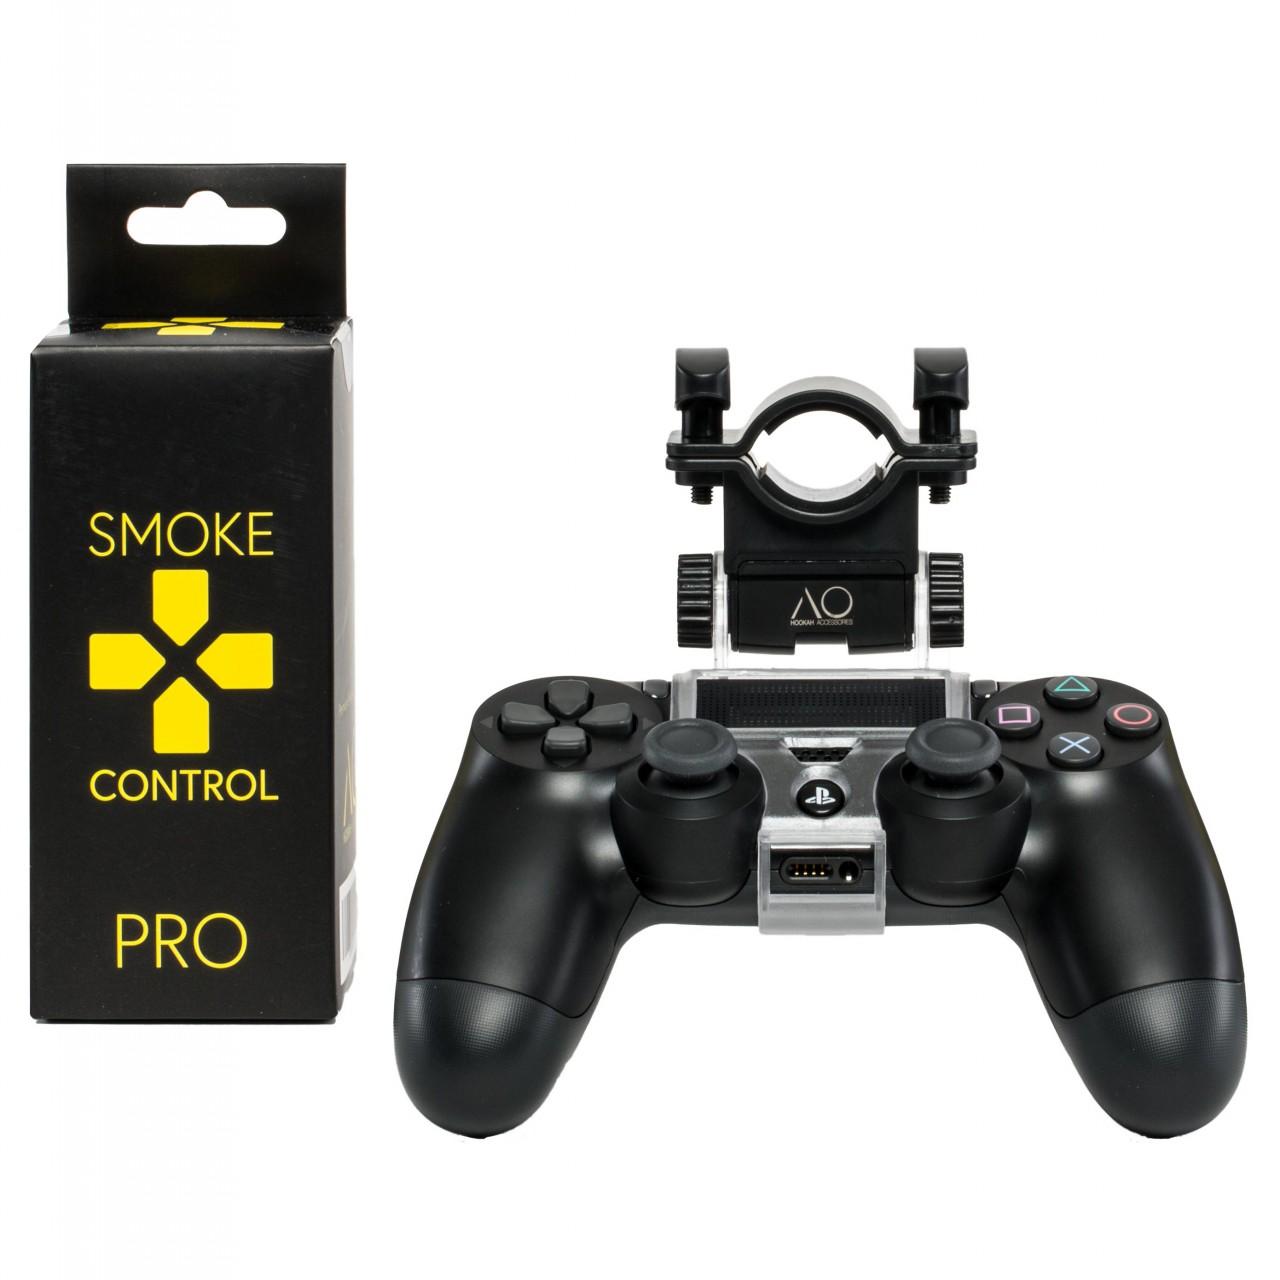 AO Smoke Control Pro PS4-Mundstückhalter